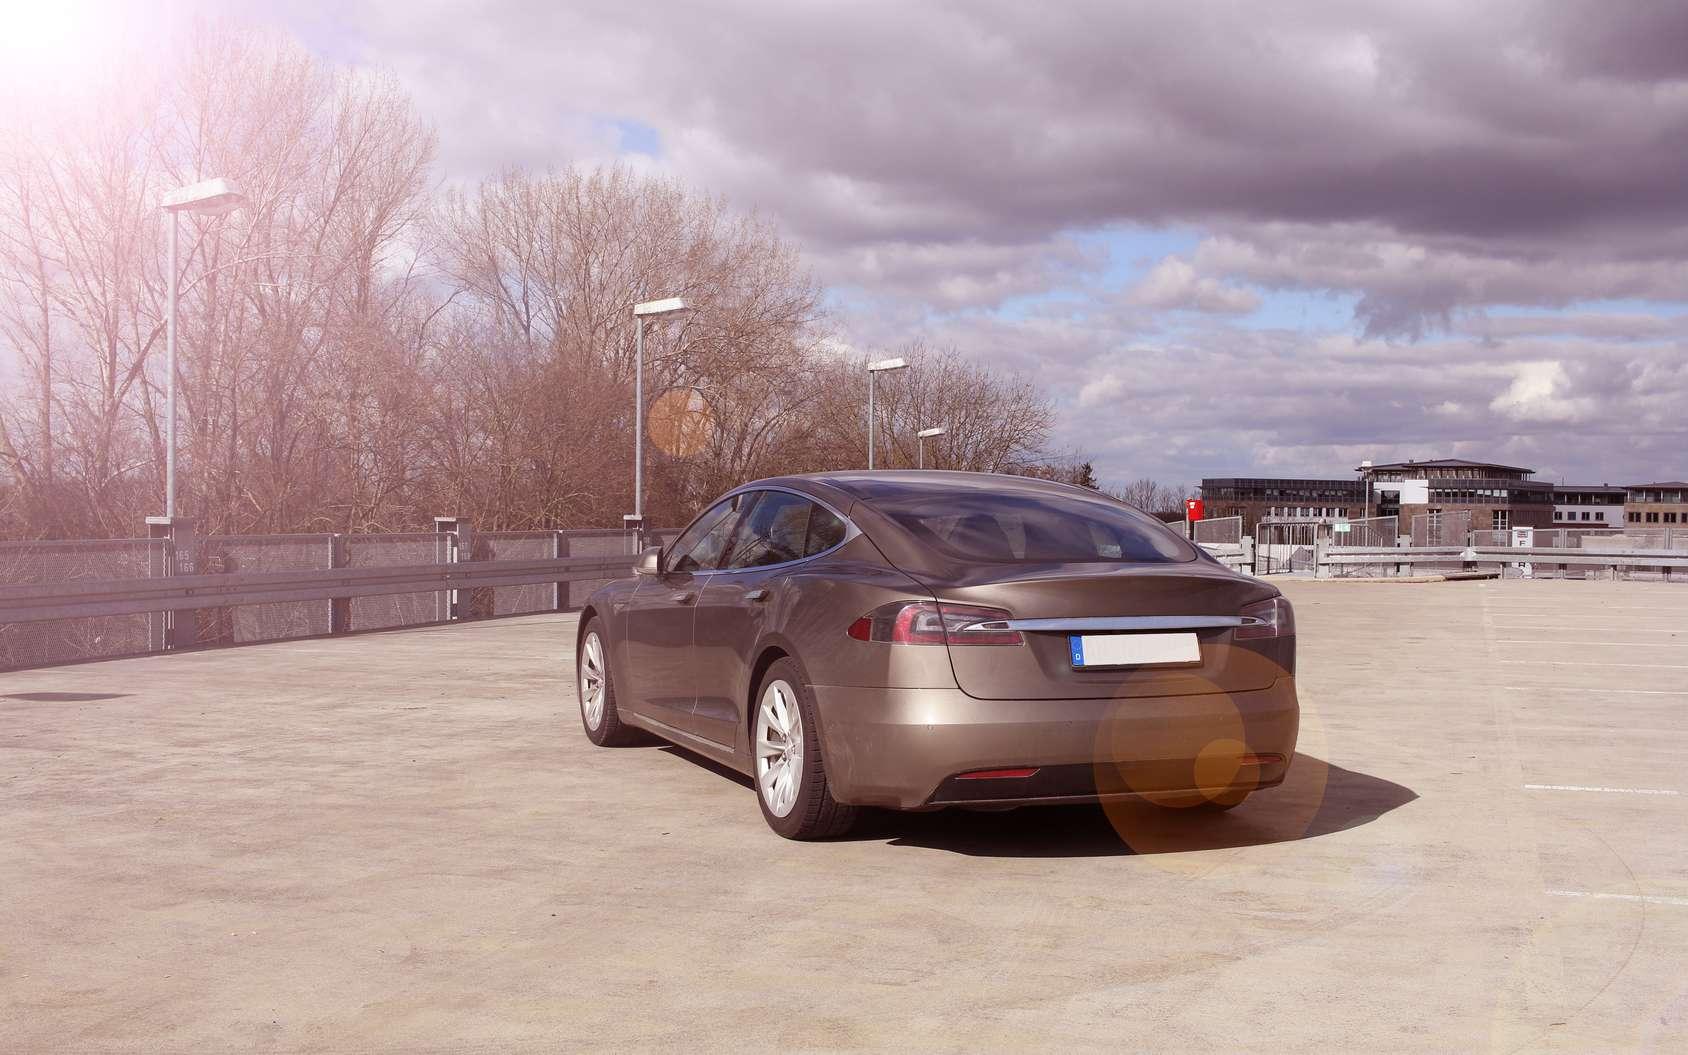 Tesla est très vigilant sur la sécurité des systèmes électroniques et informatiques de ses voitures. Mais le risque zéro n'existe pas. © Peter Atkins, Fotolia